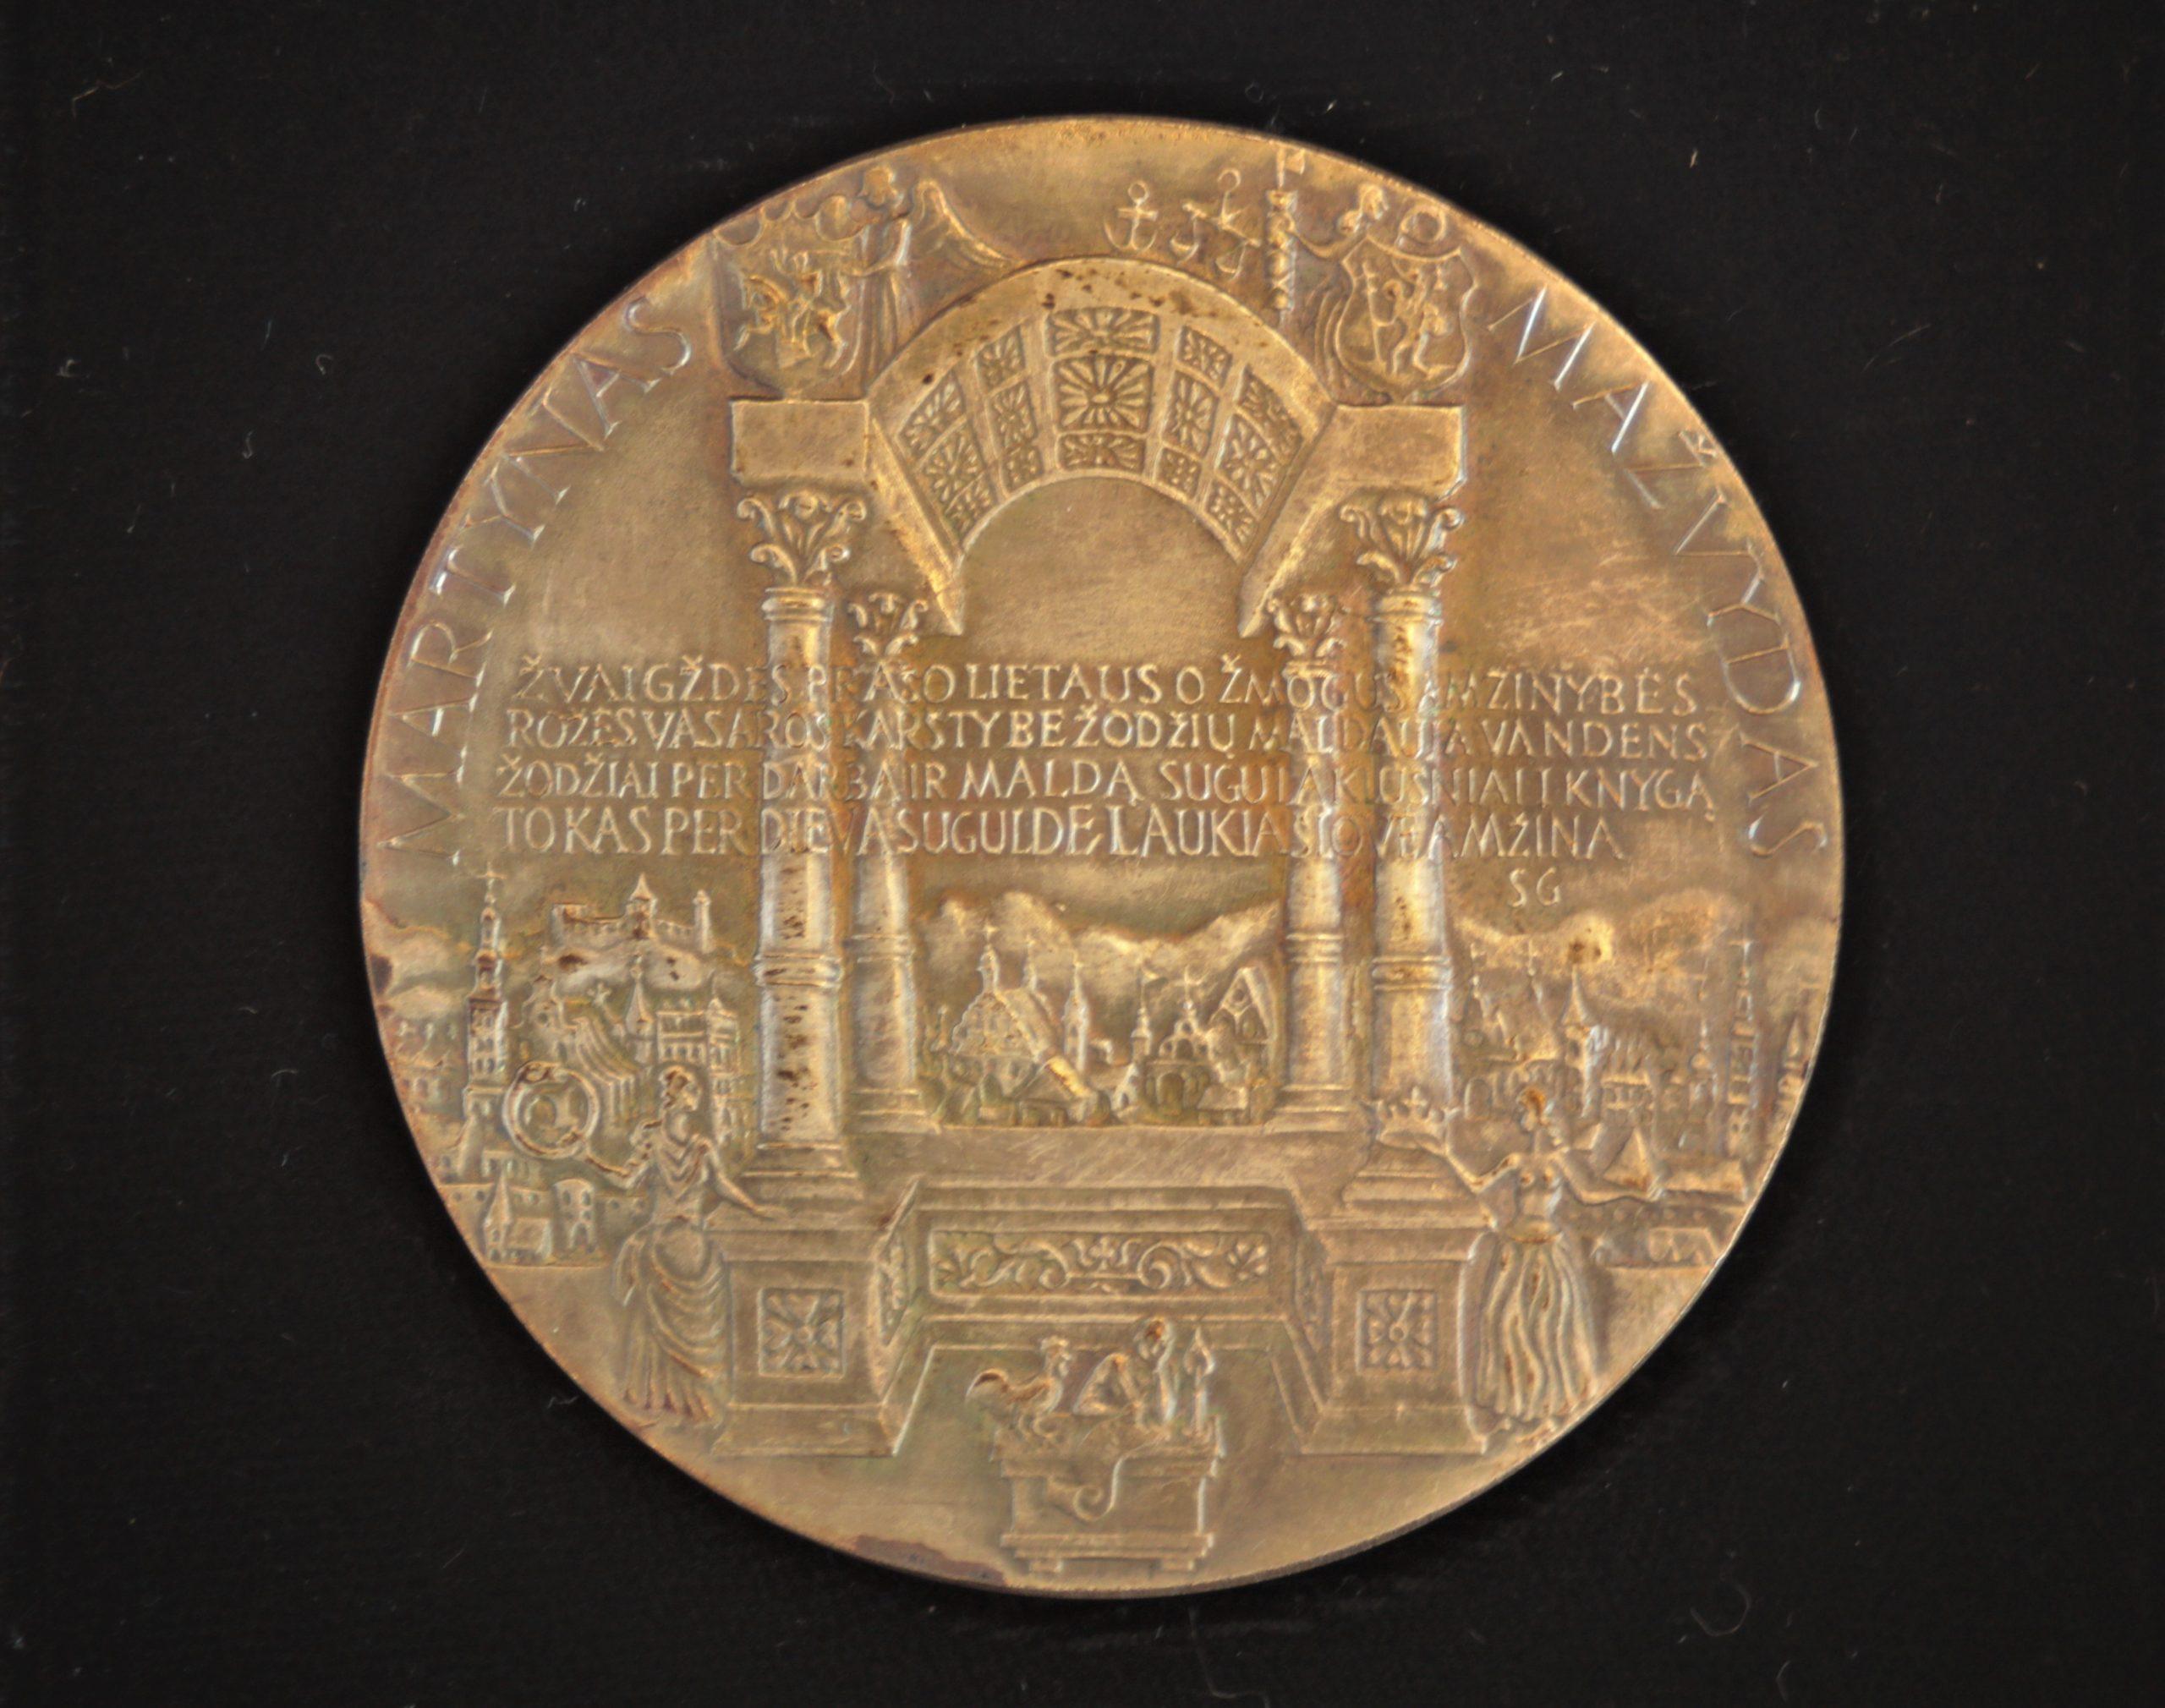 Pirmosios lietuviškos knygos 450 metų sukaktuvinis medalis. Metalas. Reversas. Dail. P. Repšys